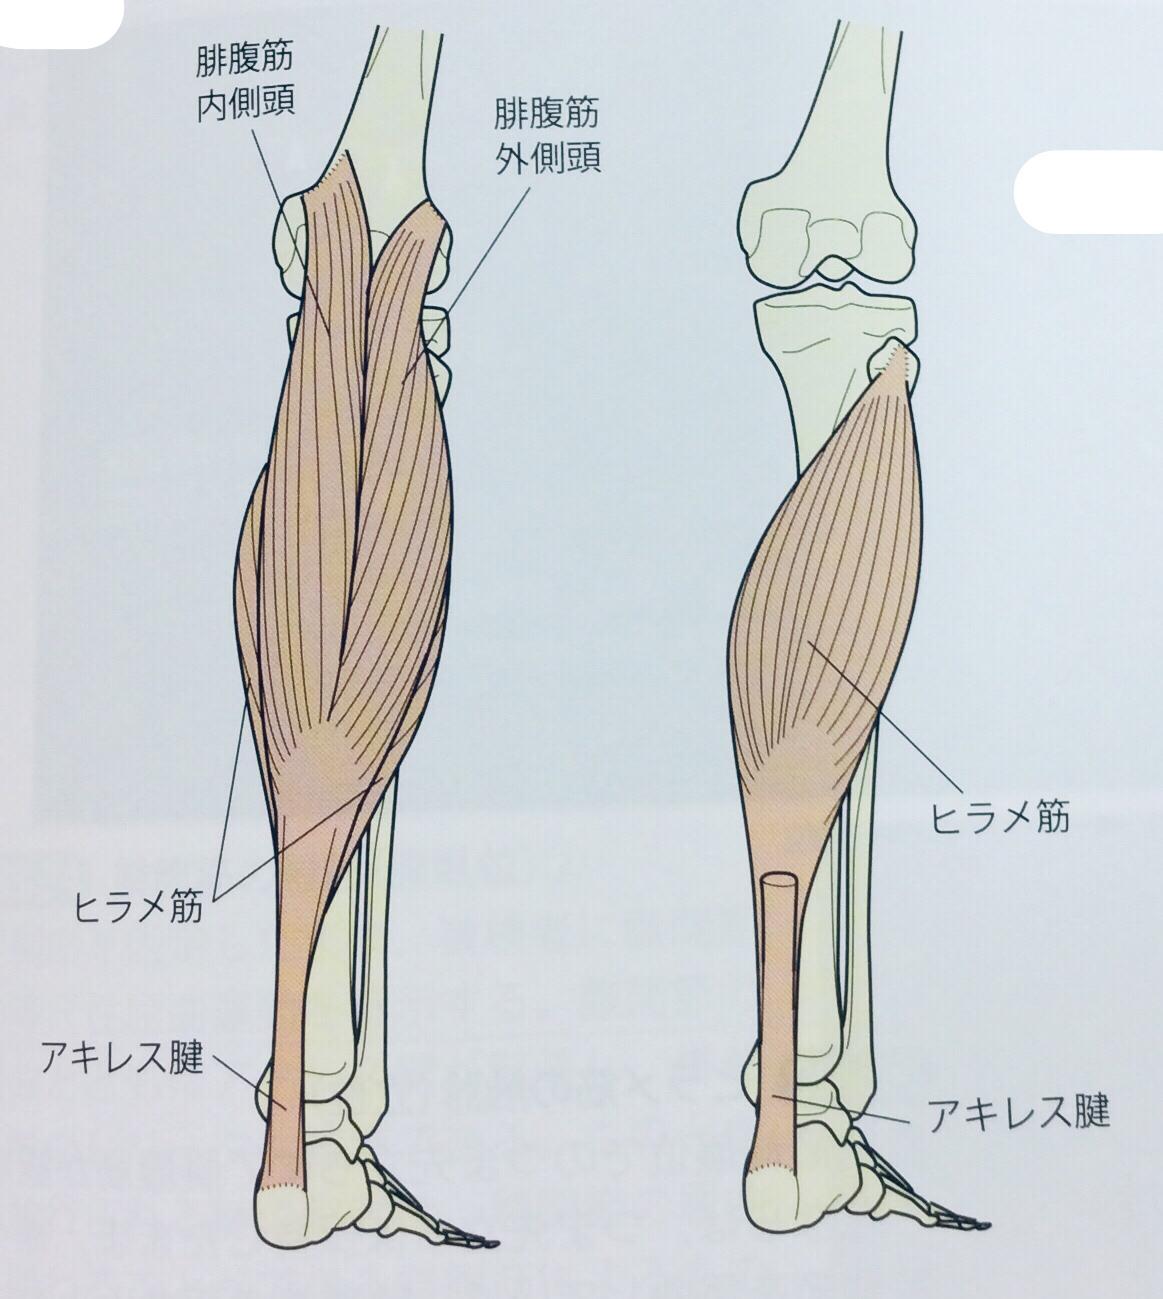 整体ストレッチ 下腿三頭筋1